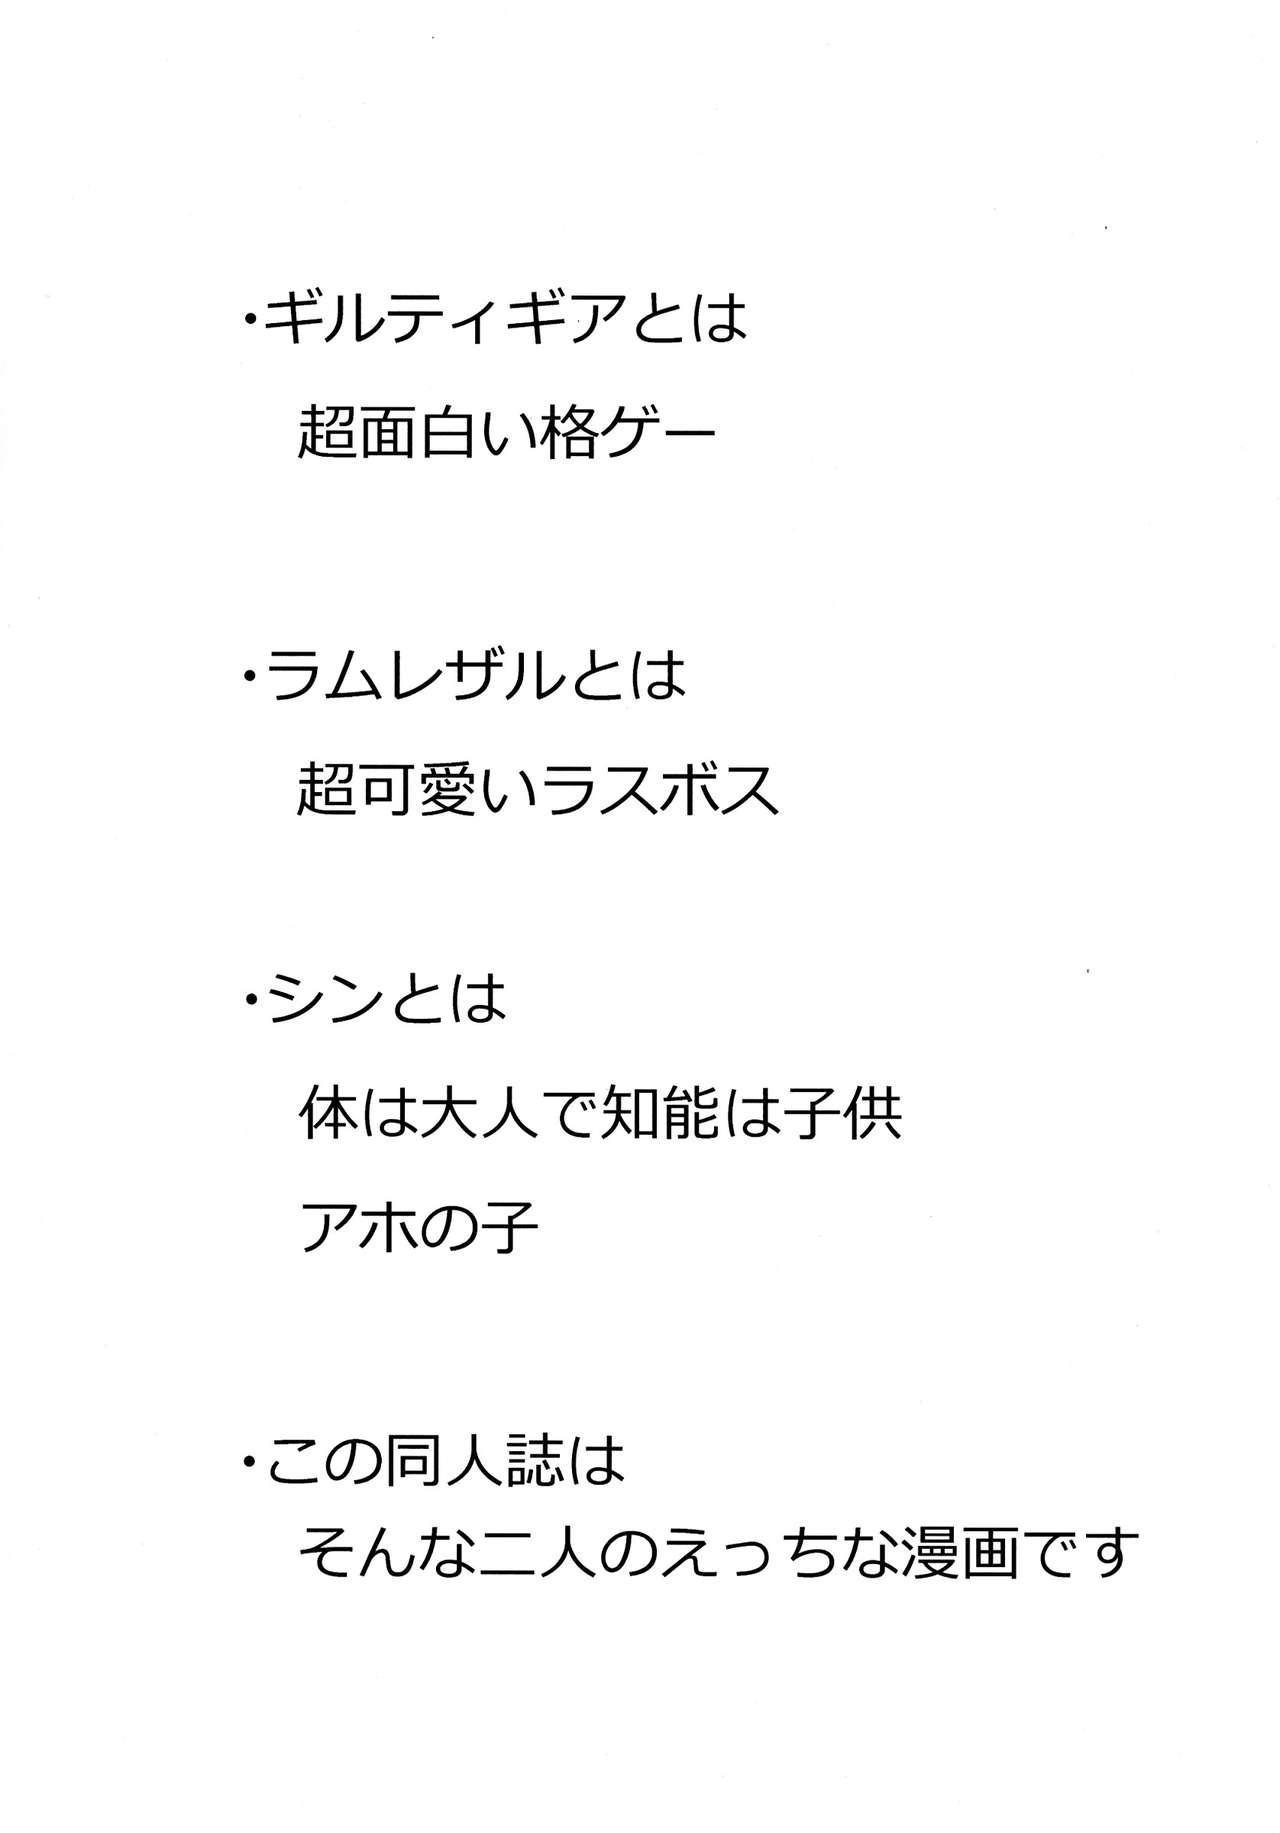 (C88) [Jishaku no Sunaba (Porosuke)] Sin-kun no Hatsu Shasei wa Ram-chan no Naka de do byu byu byu (GUILTY GEAR) [English] 3